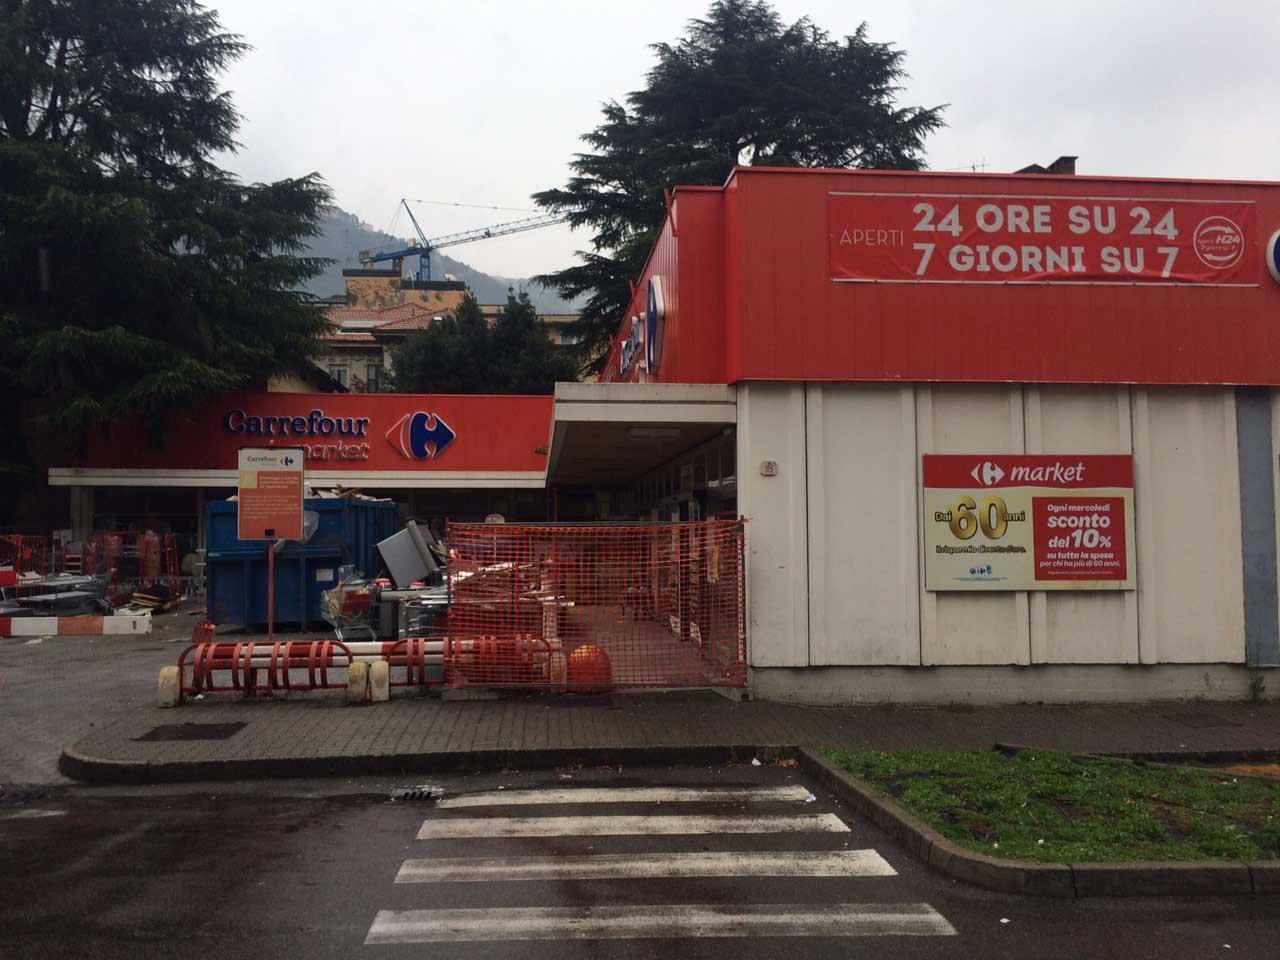 Negozio Carrefour